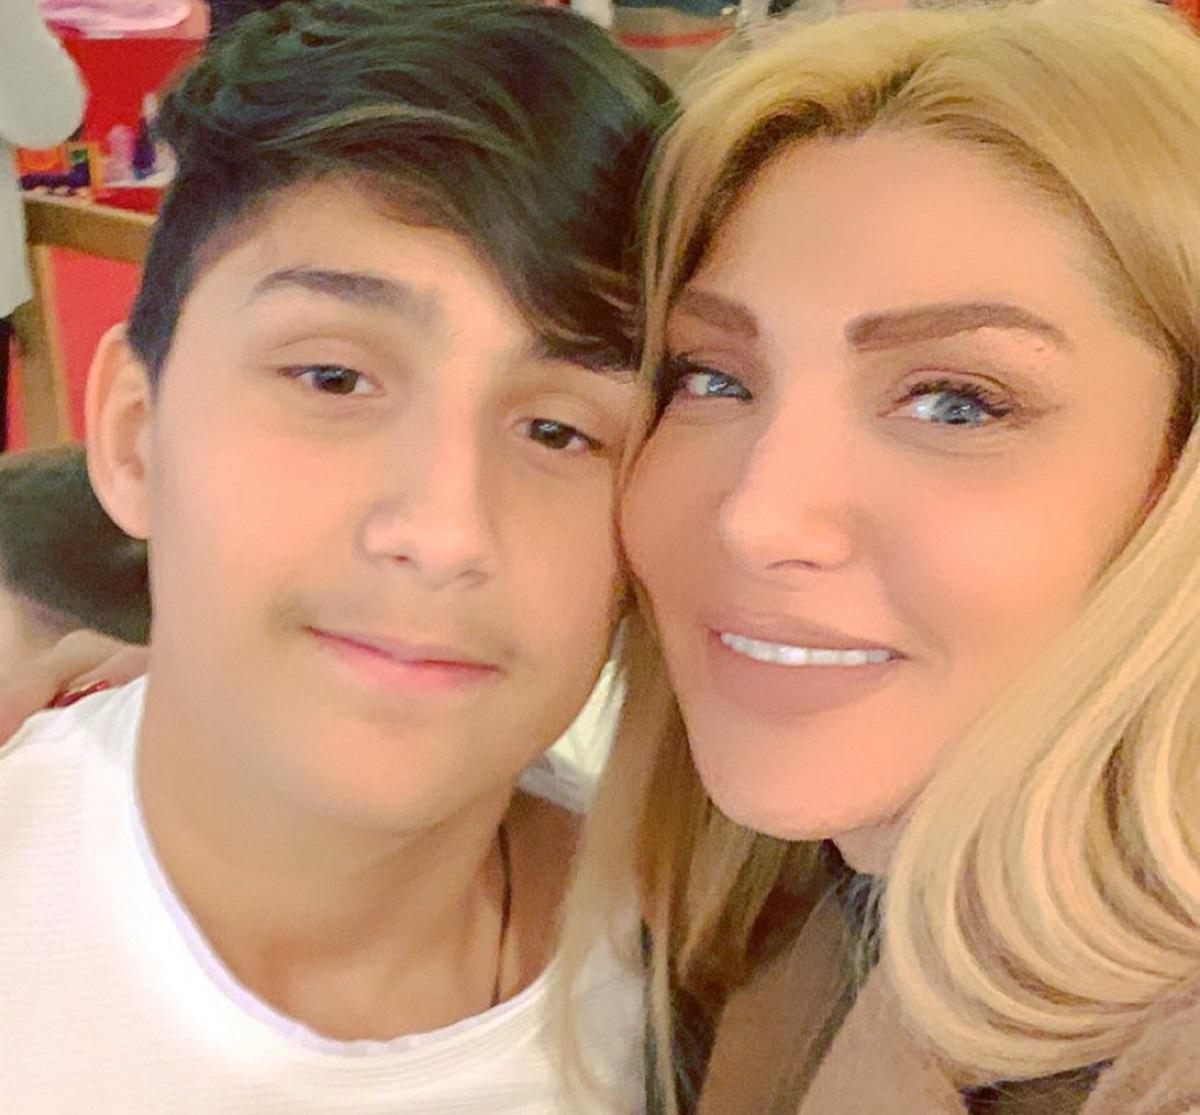 Αγγελική Ηλιάδη: Το τρυφερό της μήνυμα για τα γενέθλια του γιου της! Φωτογραφία